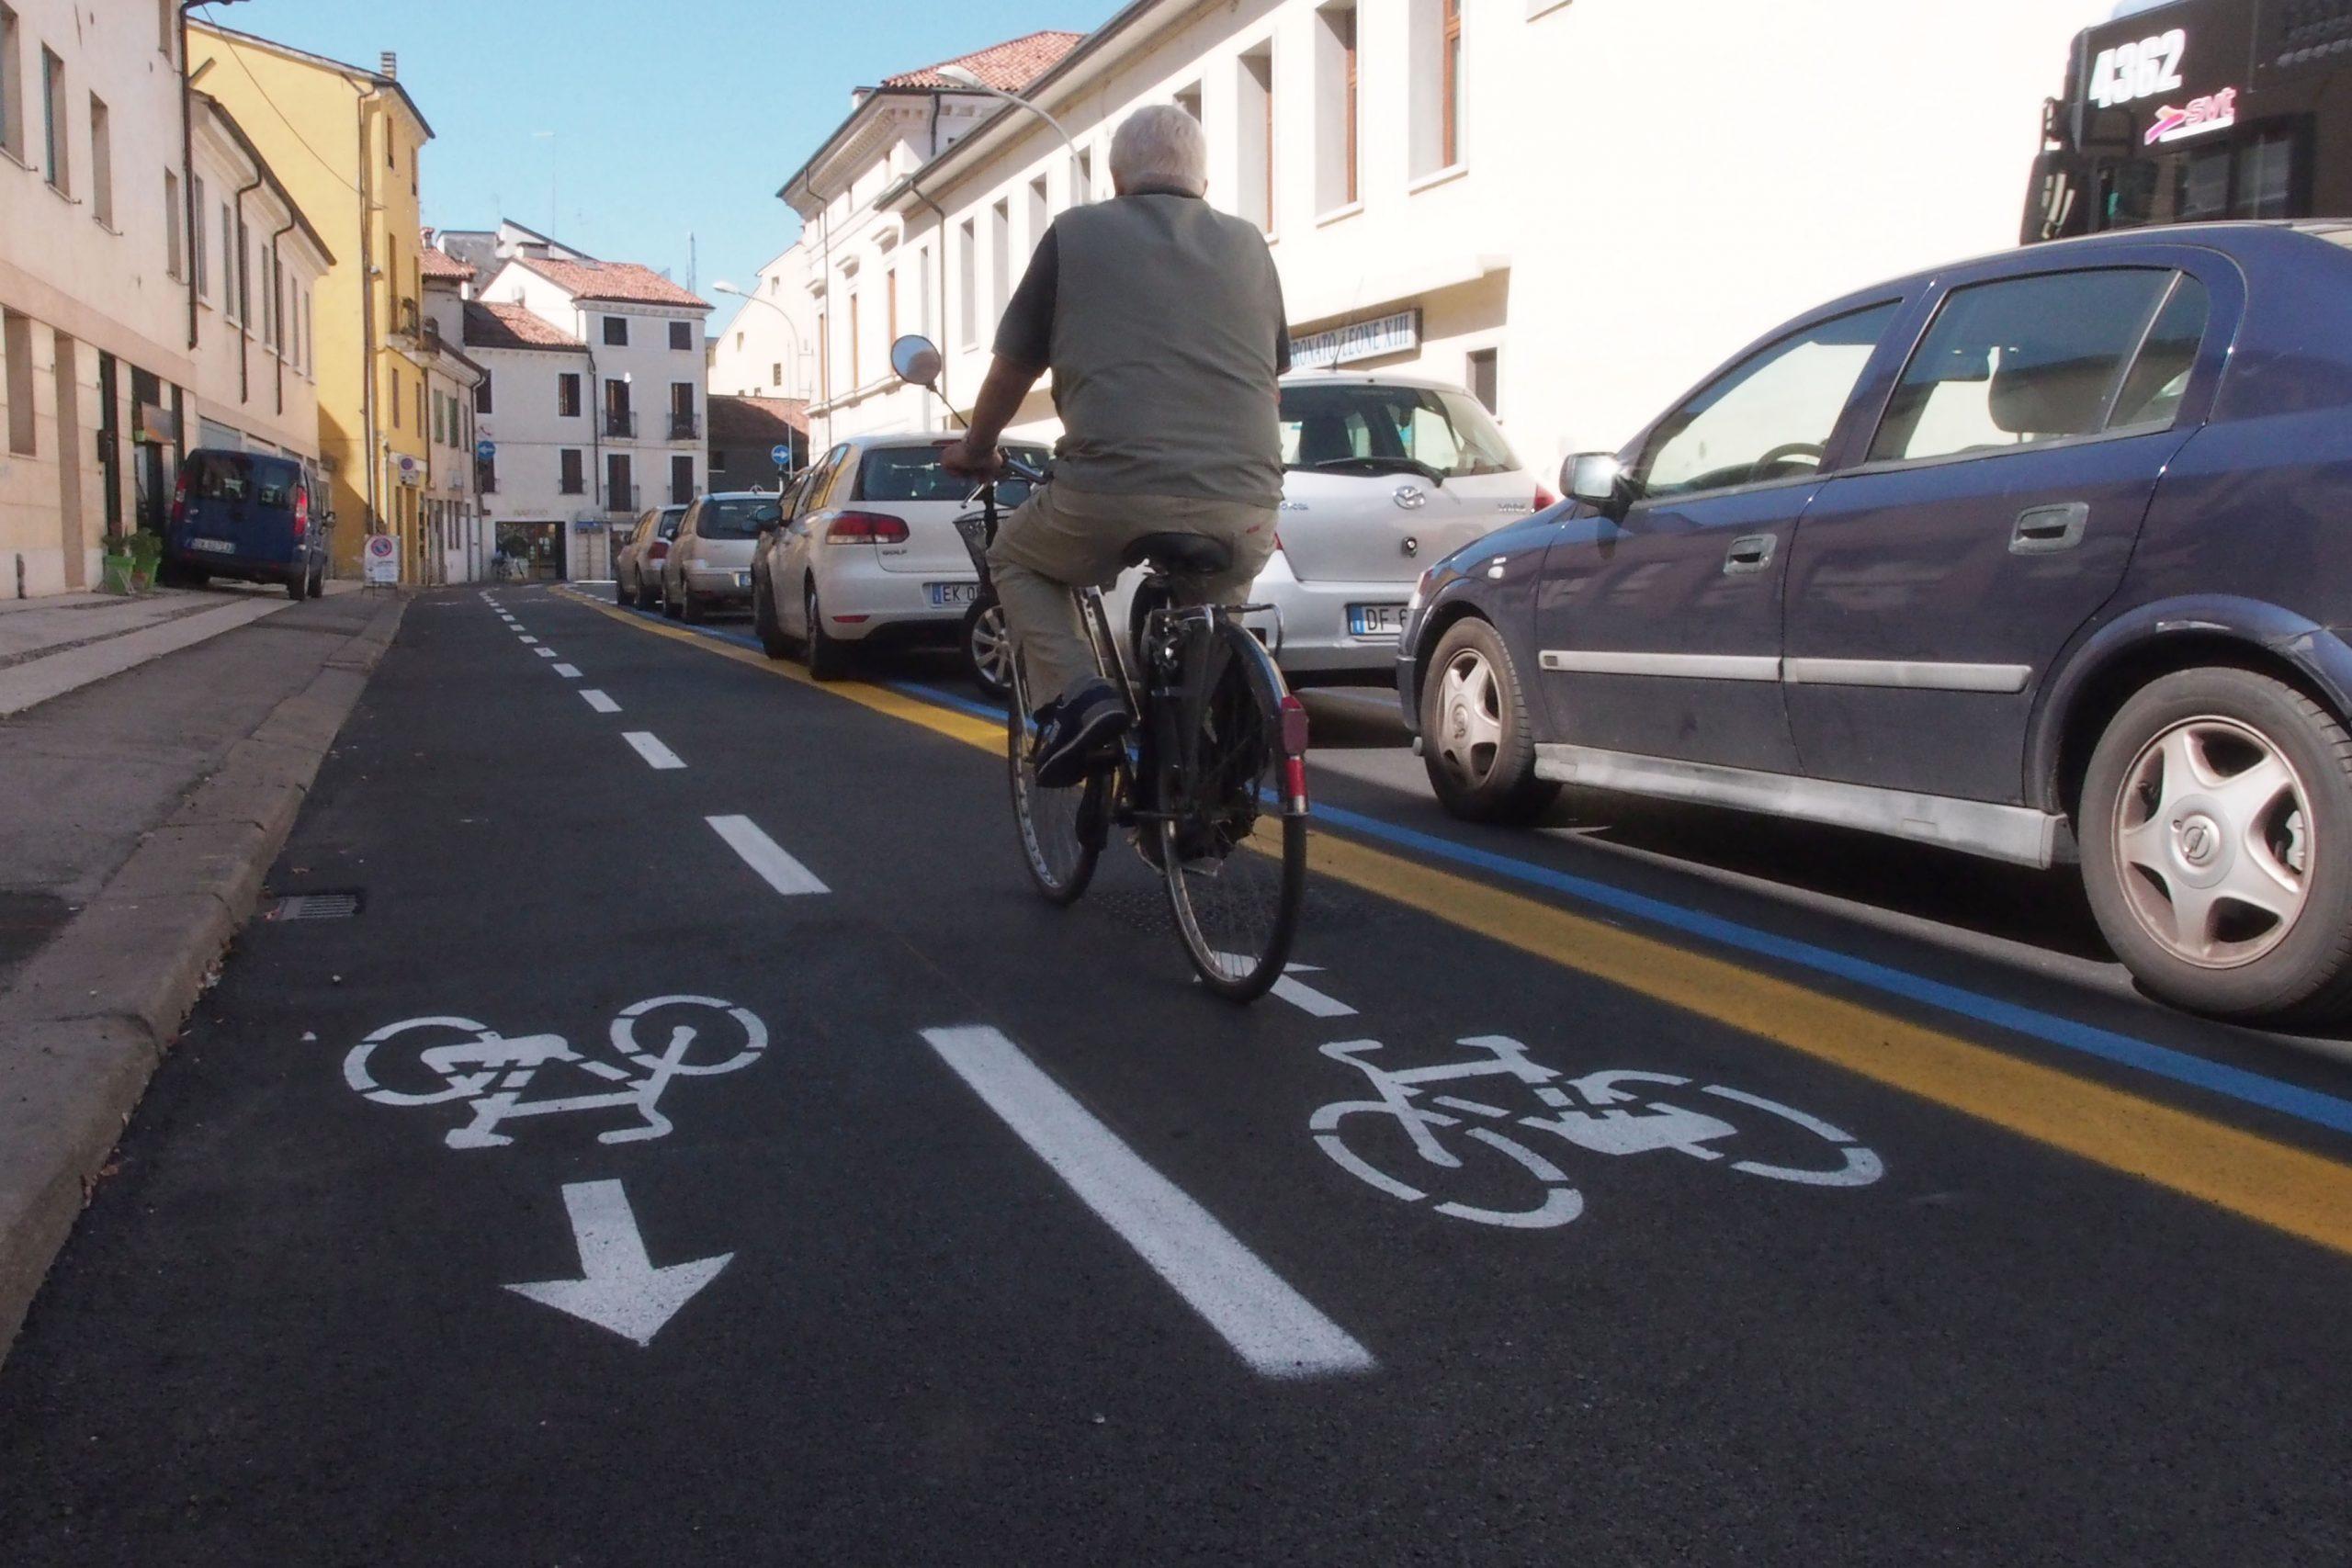 """""""Il diritto alla mobilità alternativa"""", tavola rotonda a piazza Risorgimento in attesa dell'inaugurazione della nuova pista ciclabile"""